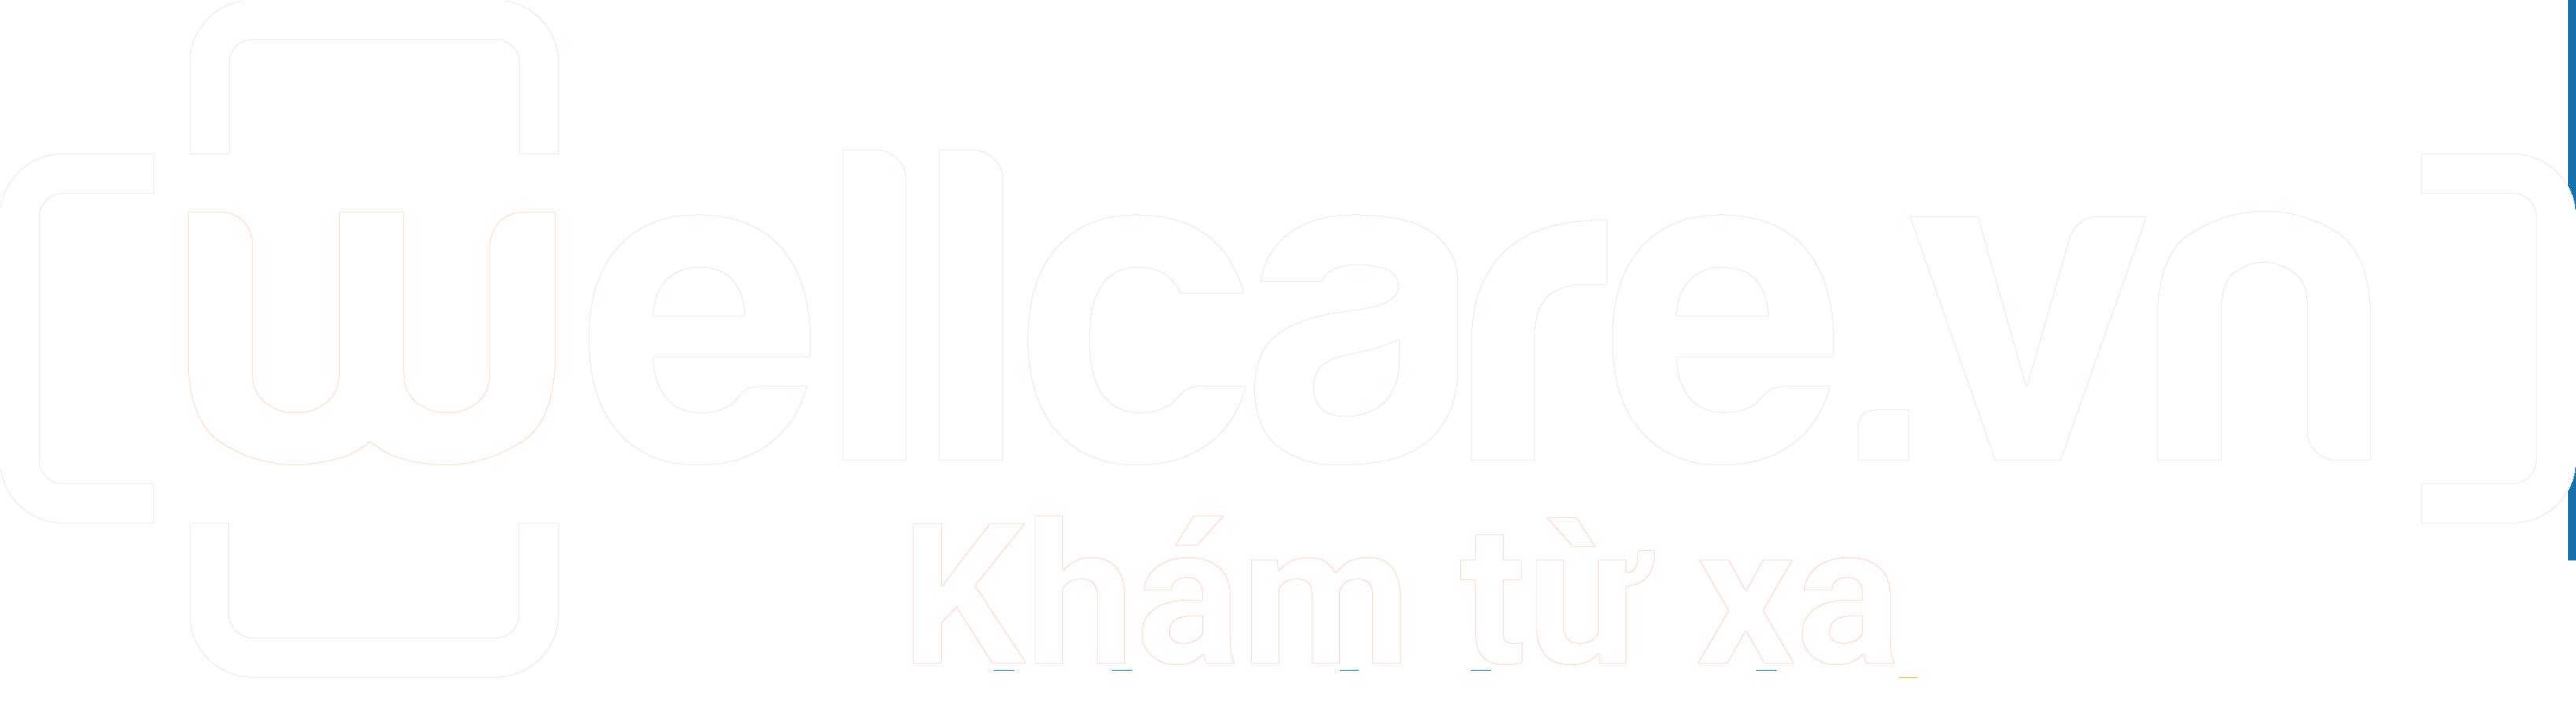 Wellcare - Khám trực tuyến qua điện thoại, tư vấn sức khỏe online 24/7